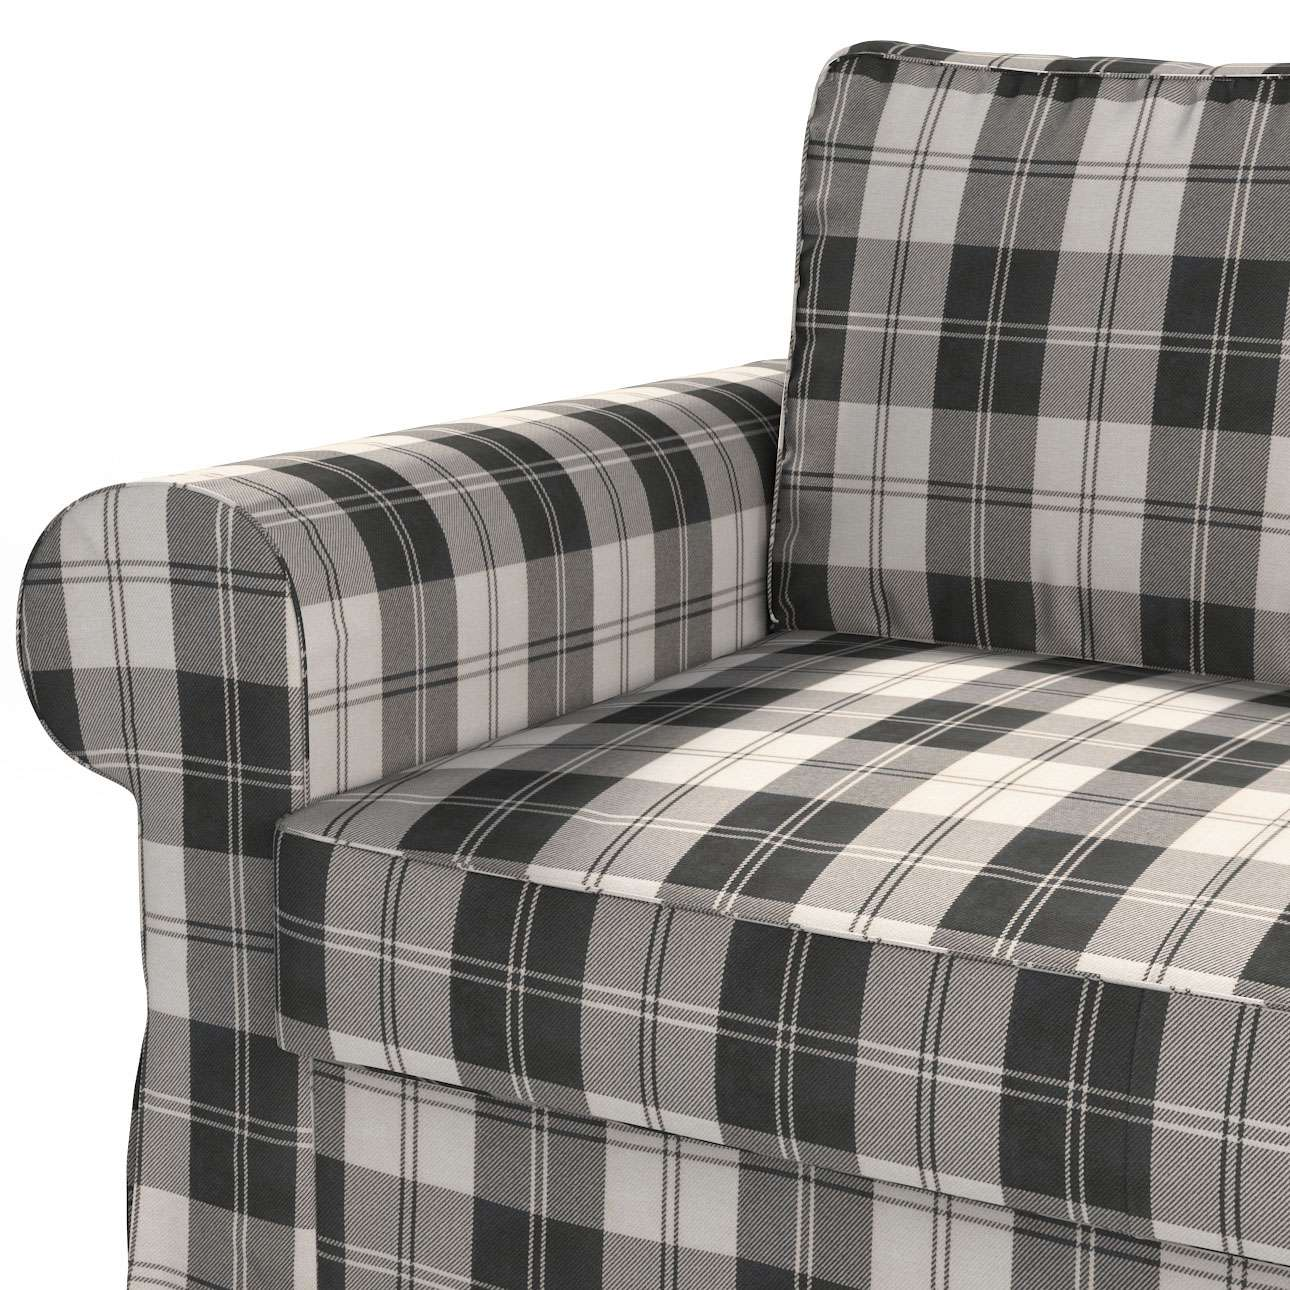 Pokrowiec na sofę Backabro 2-osobową rozkładaną w kolekcji Edinburgh, tkanina: 115-74